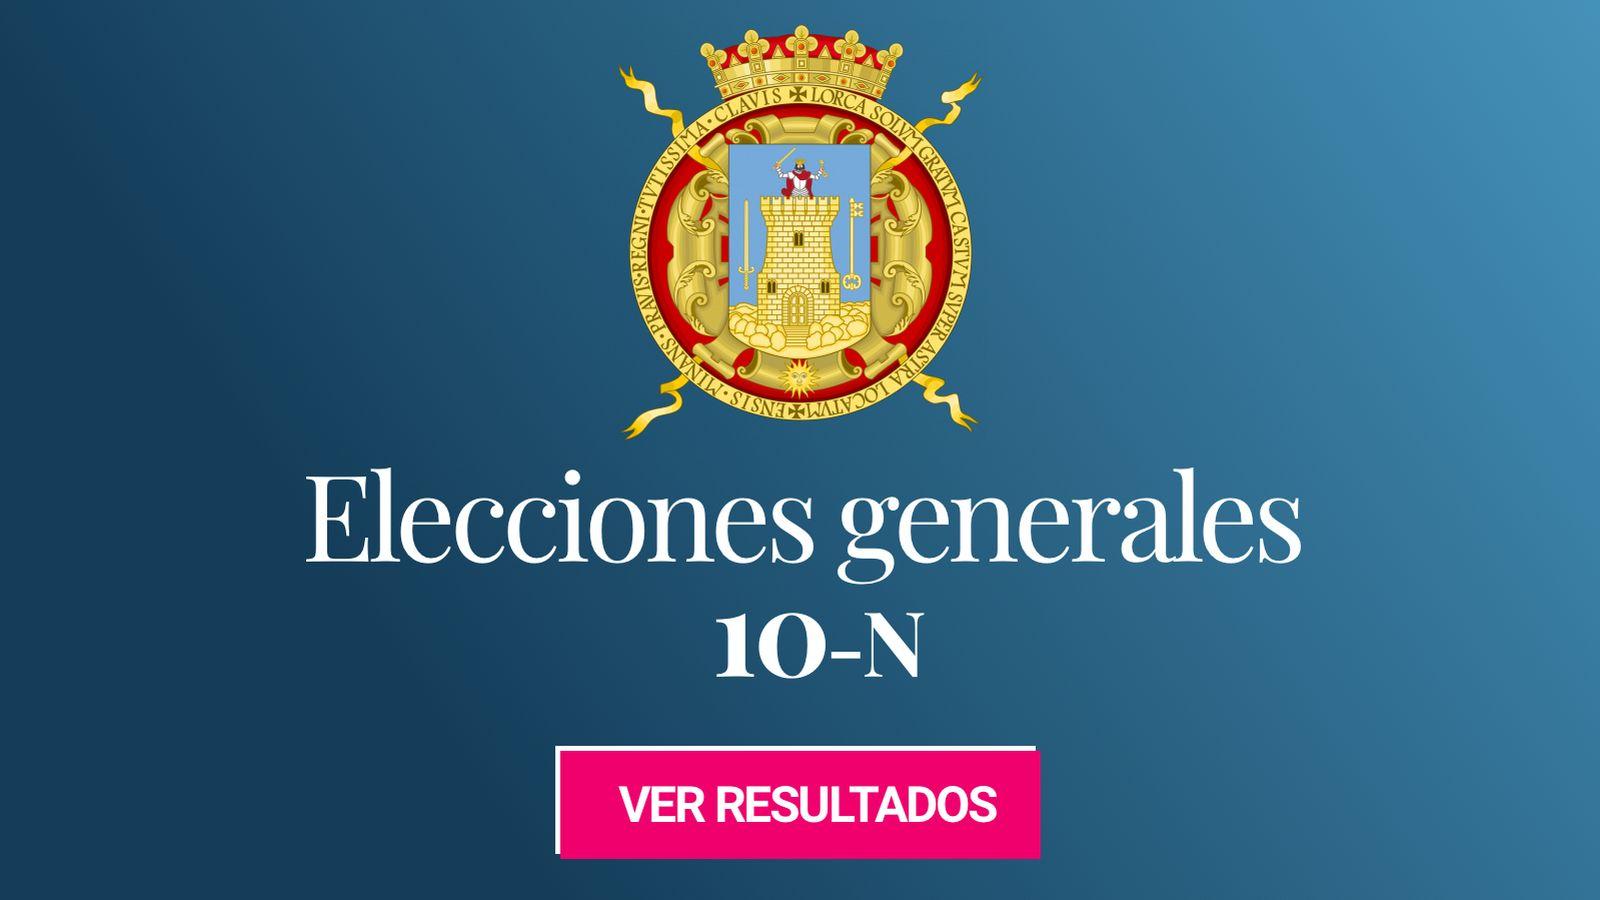 Foto: Elecciones generales 2019 en Lorca. (C.C./EC)